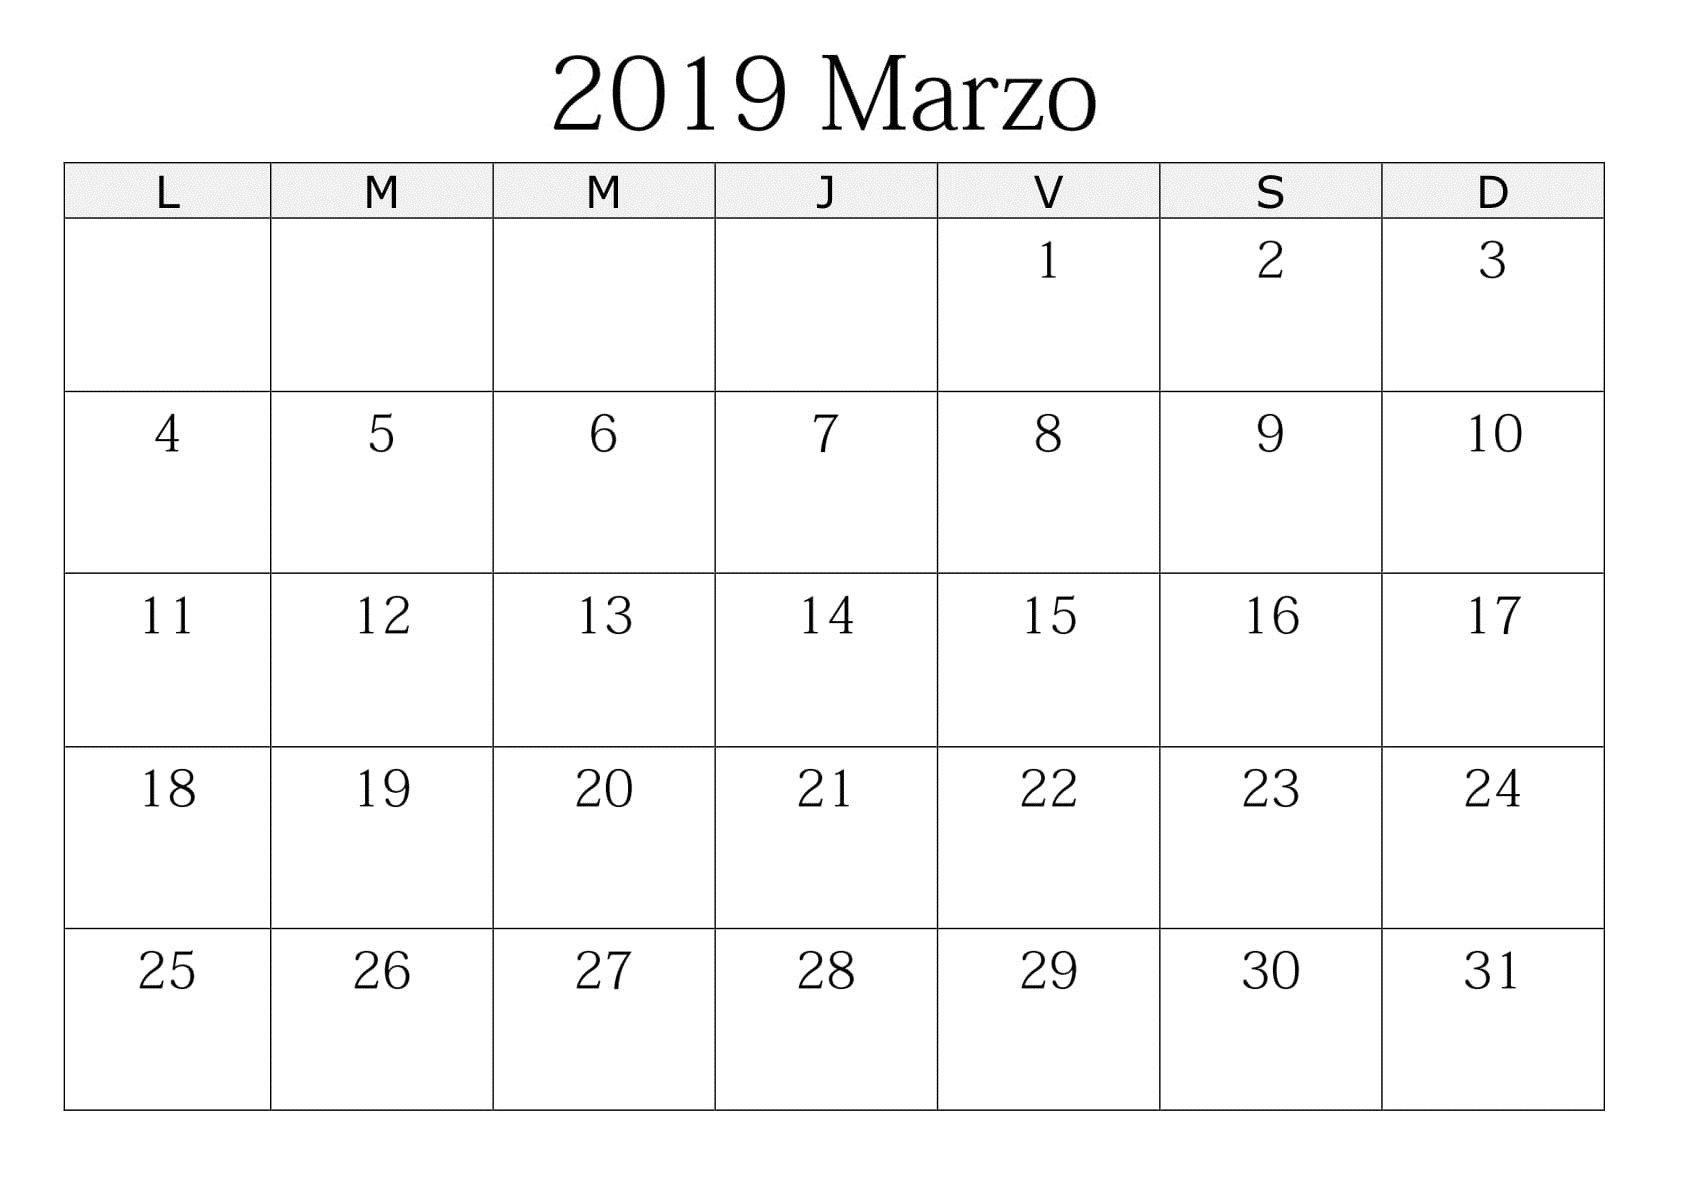 Calendario marzo calendario marzo para imprimir 1700x1184 Calendario marzo 2019 argentina para imprimir